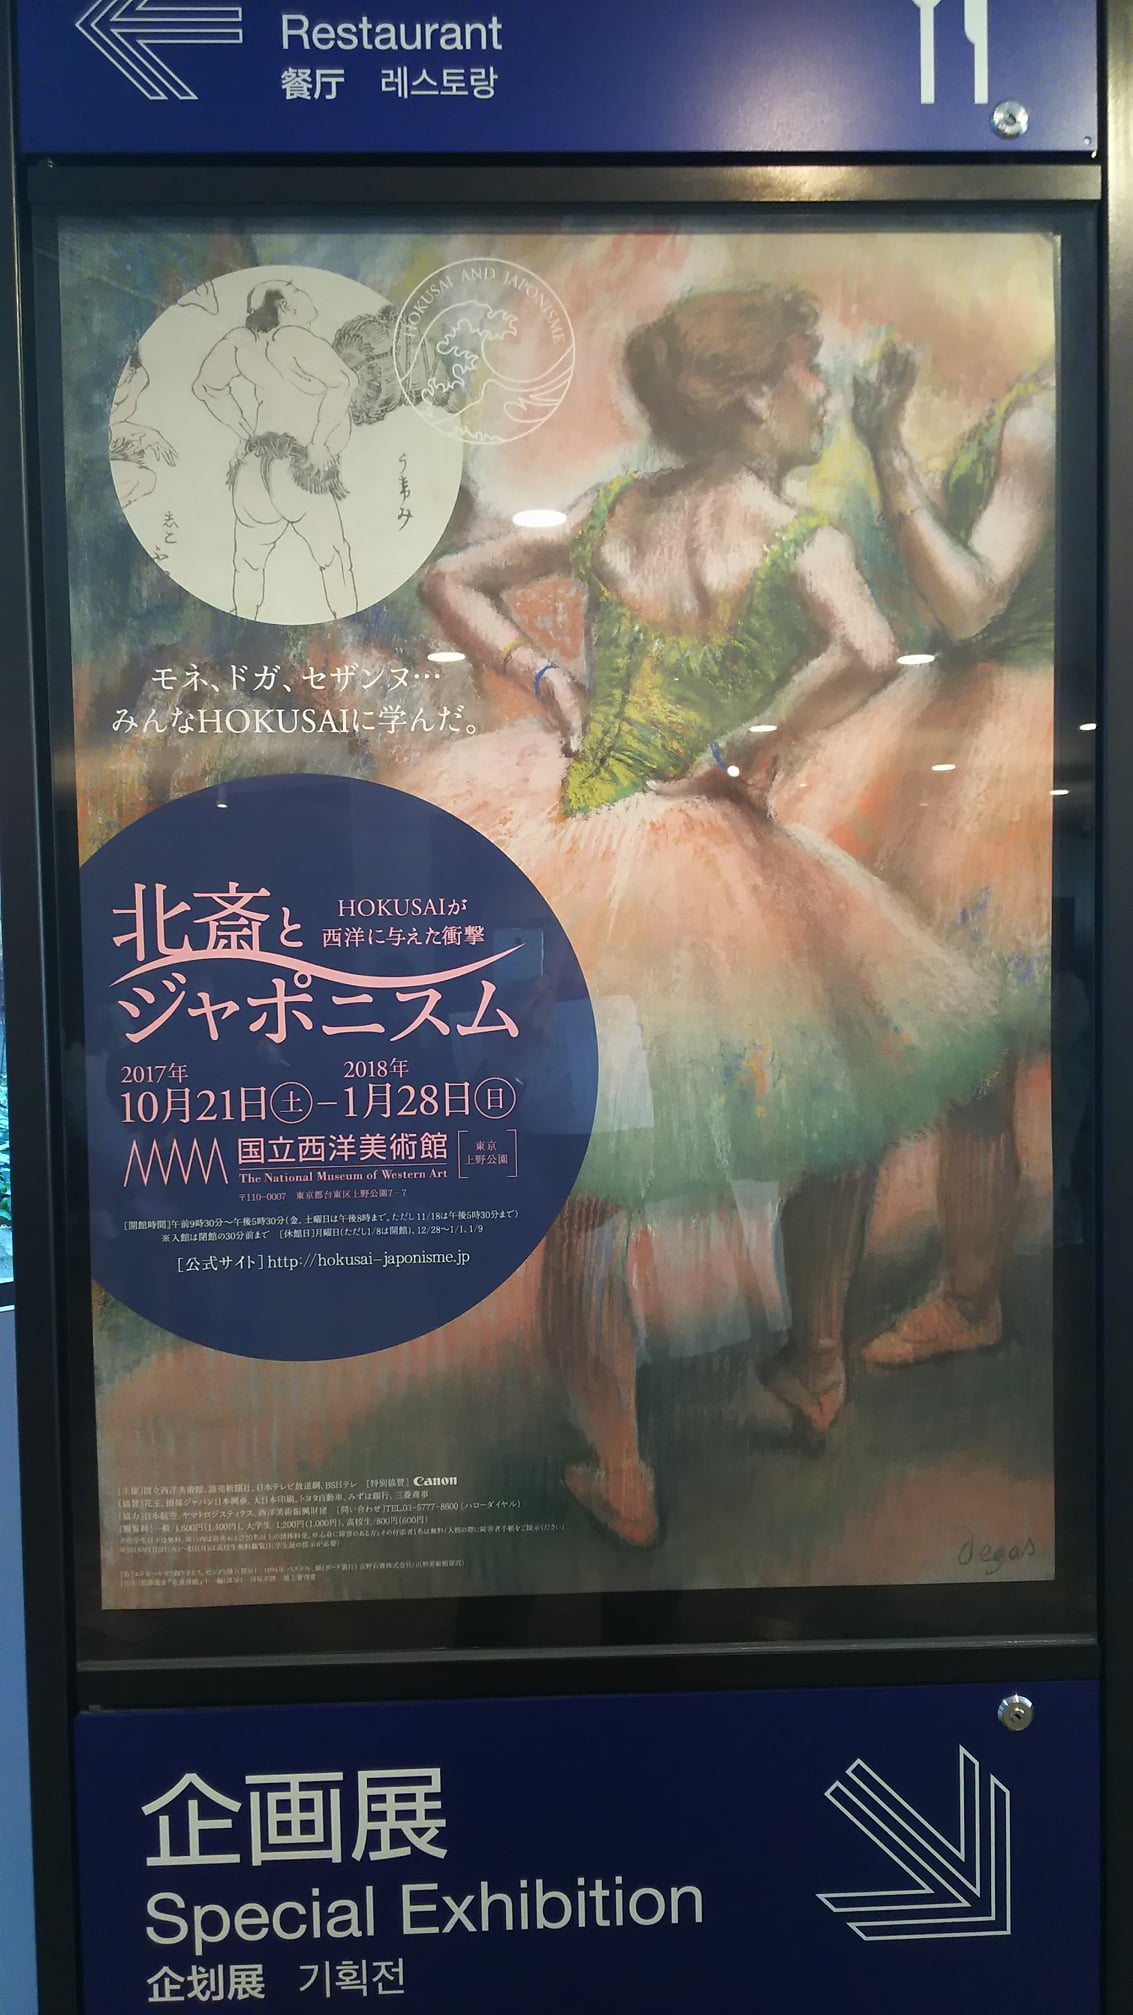 「北斎とジャポニズム」展